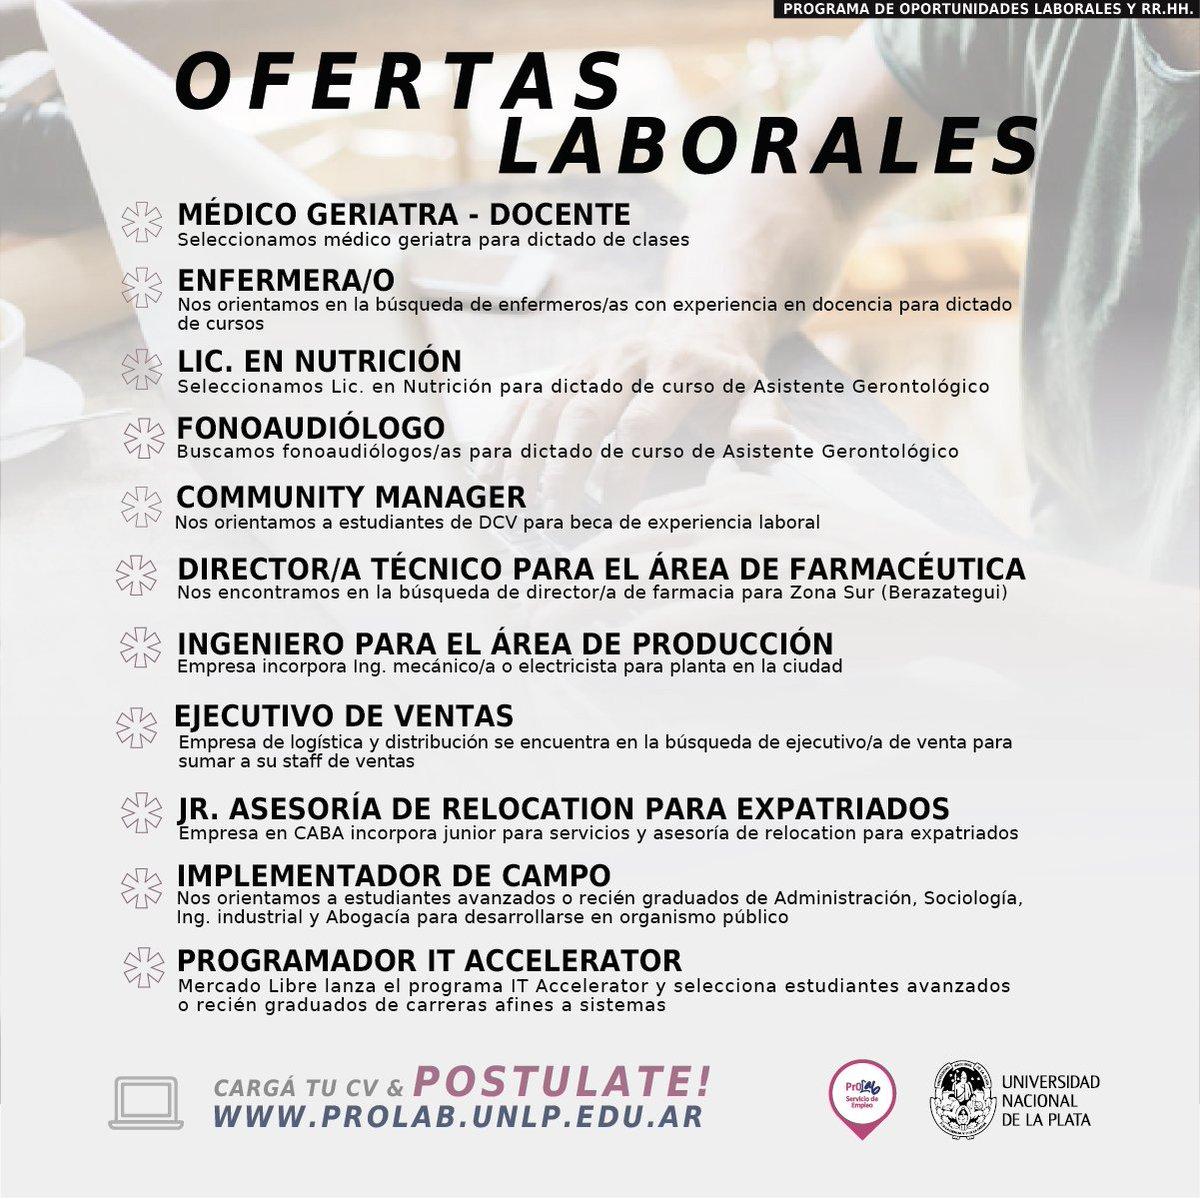 Graduados UNLP (@GraduadosUNLP) | Twitter